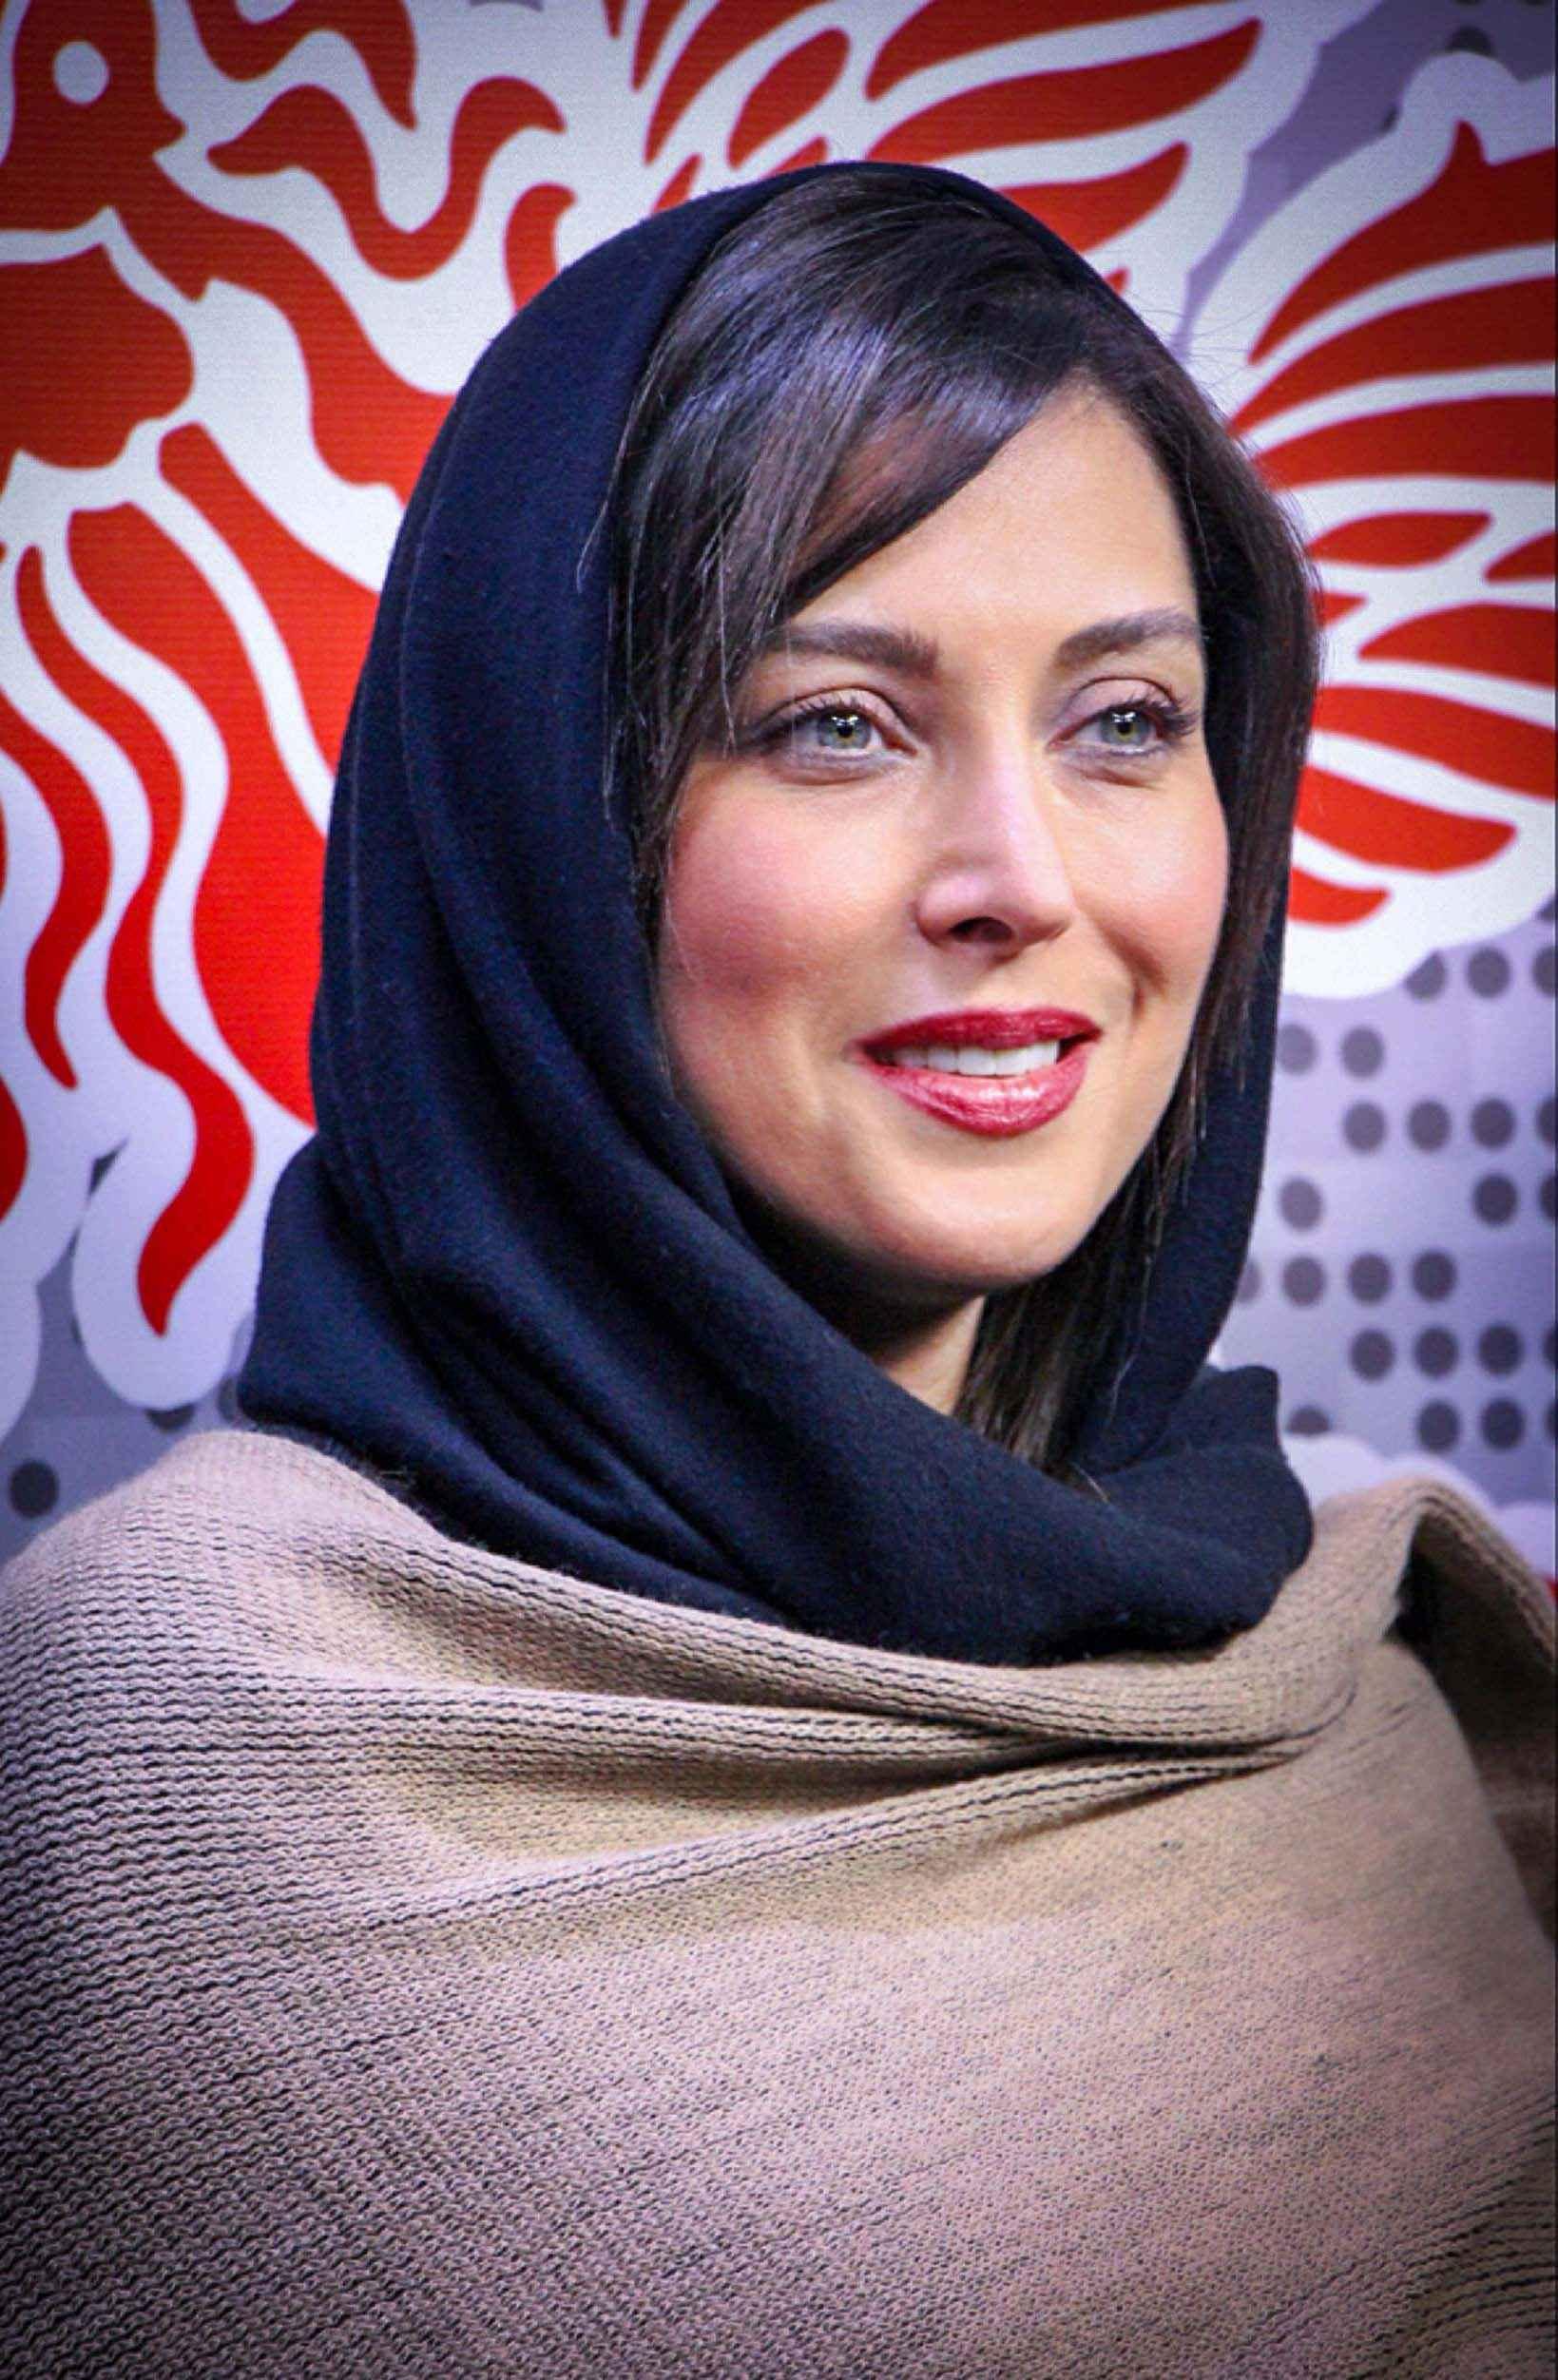 مهتاب کرامتی بازیگر و تهیه کننده در جشنواره فیلم فجر